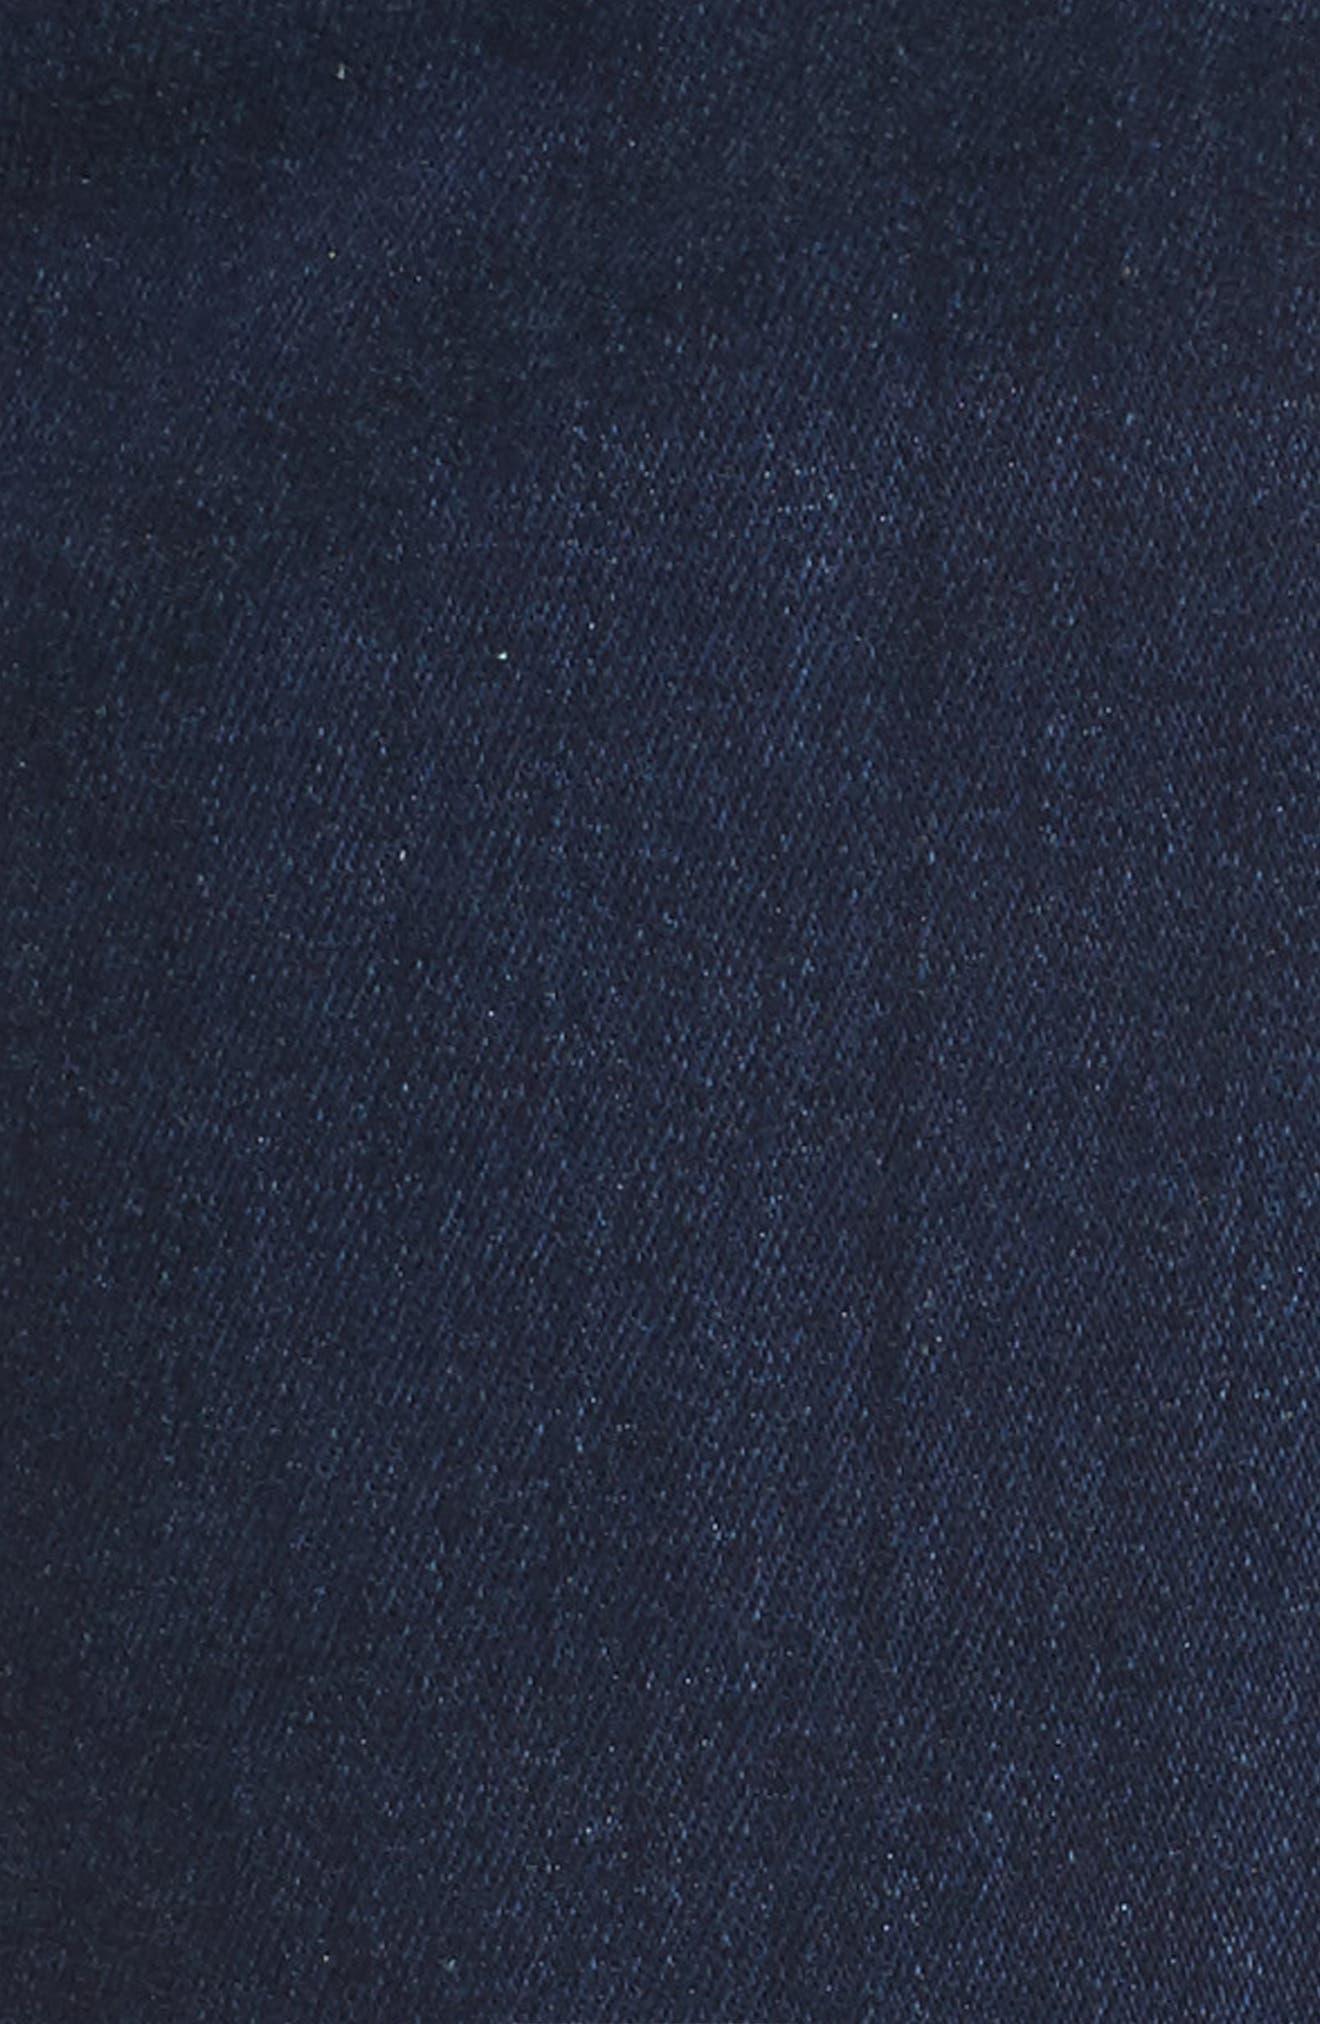 Bombshell High Waist Skinny Jeans,                             Alternate thumbnail 6, color,                             401